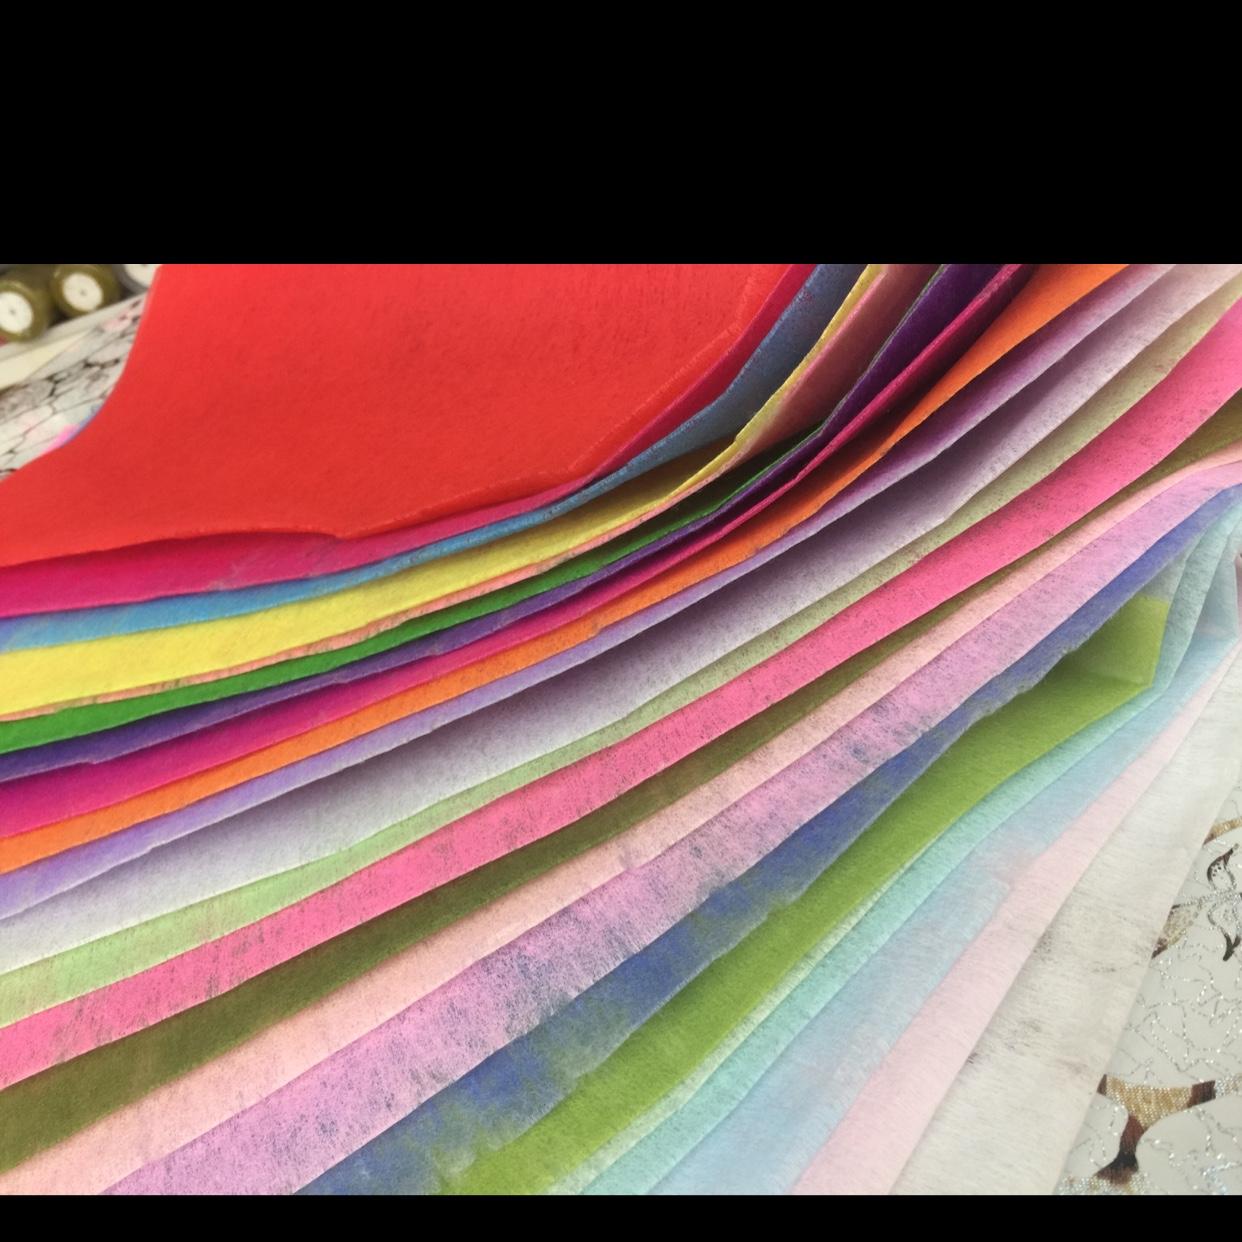 厂家直销 50*50cm棉纸  鲜花内衬 填充材料 DIY 手工艺品装饰材料 每包28张